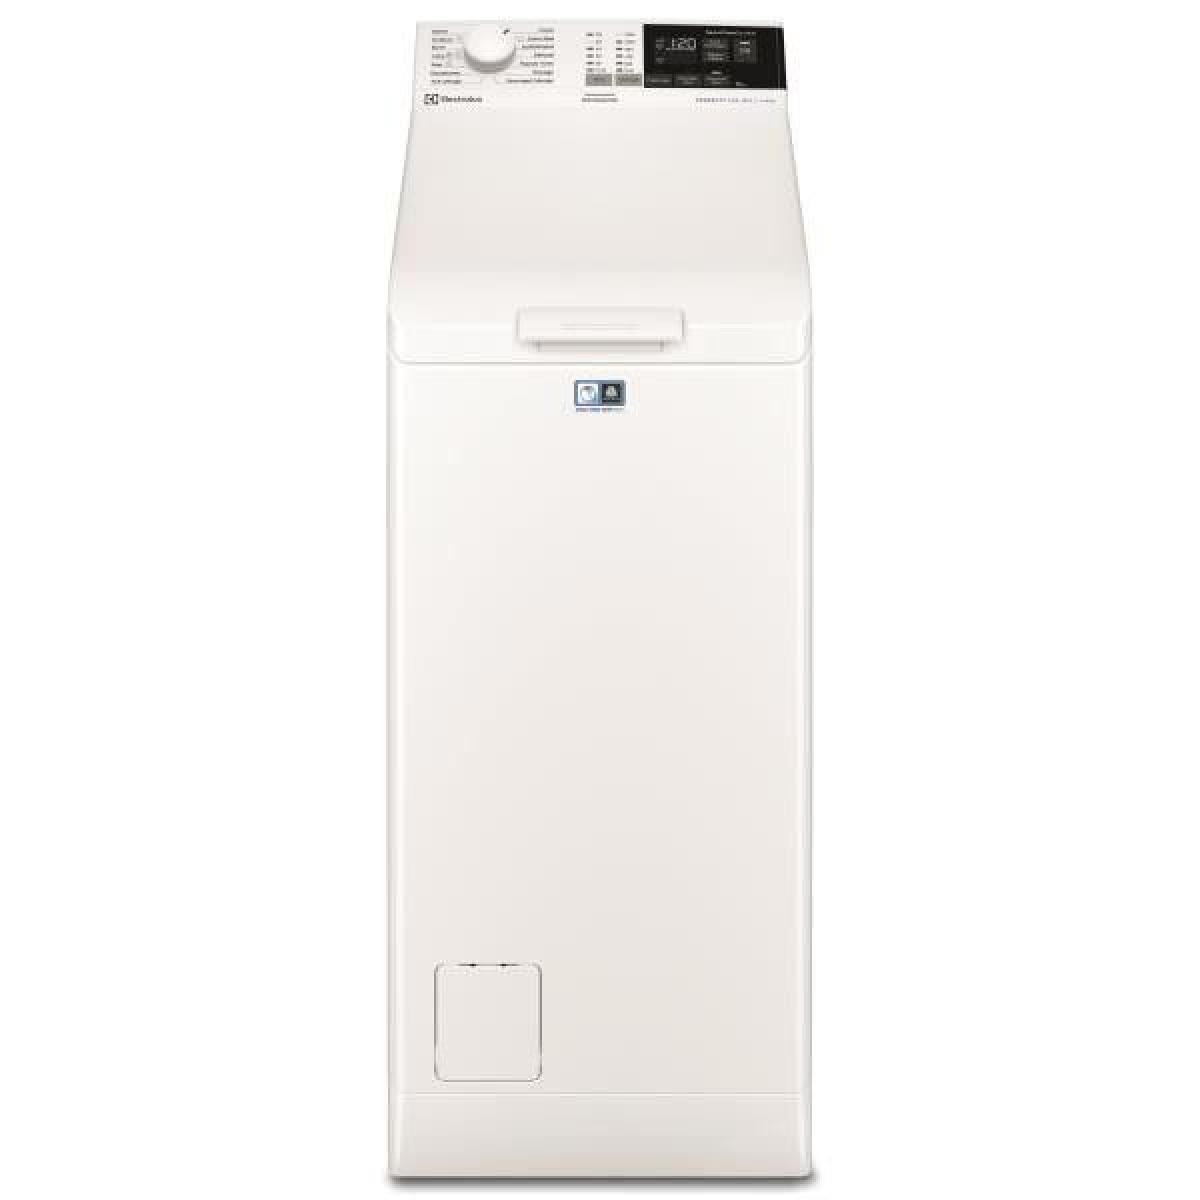 Electrolux electrolux - ew6t3366az